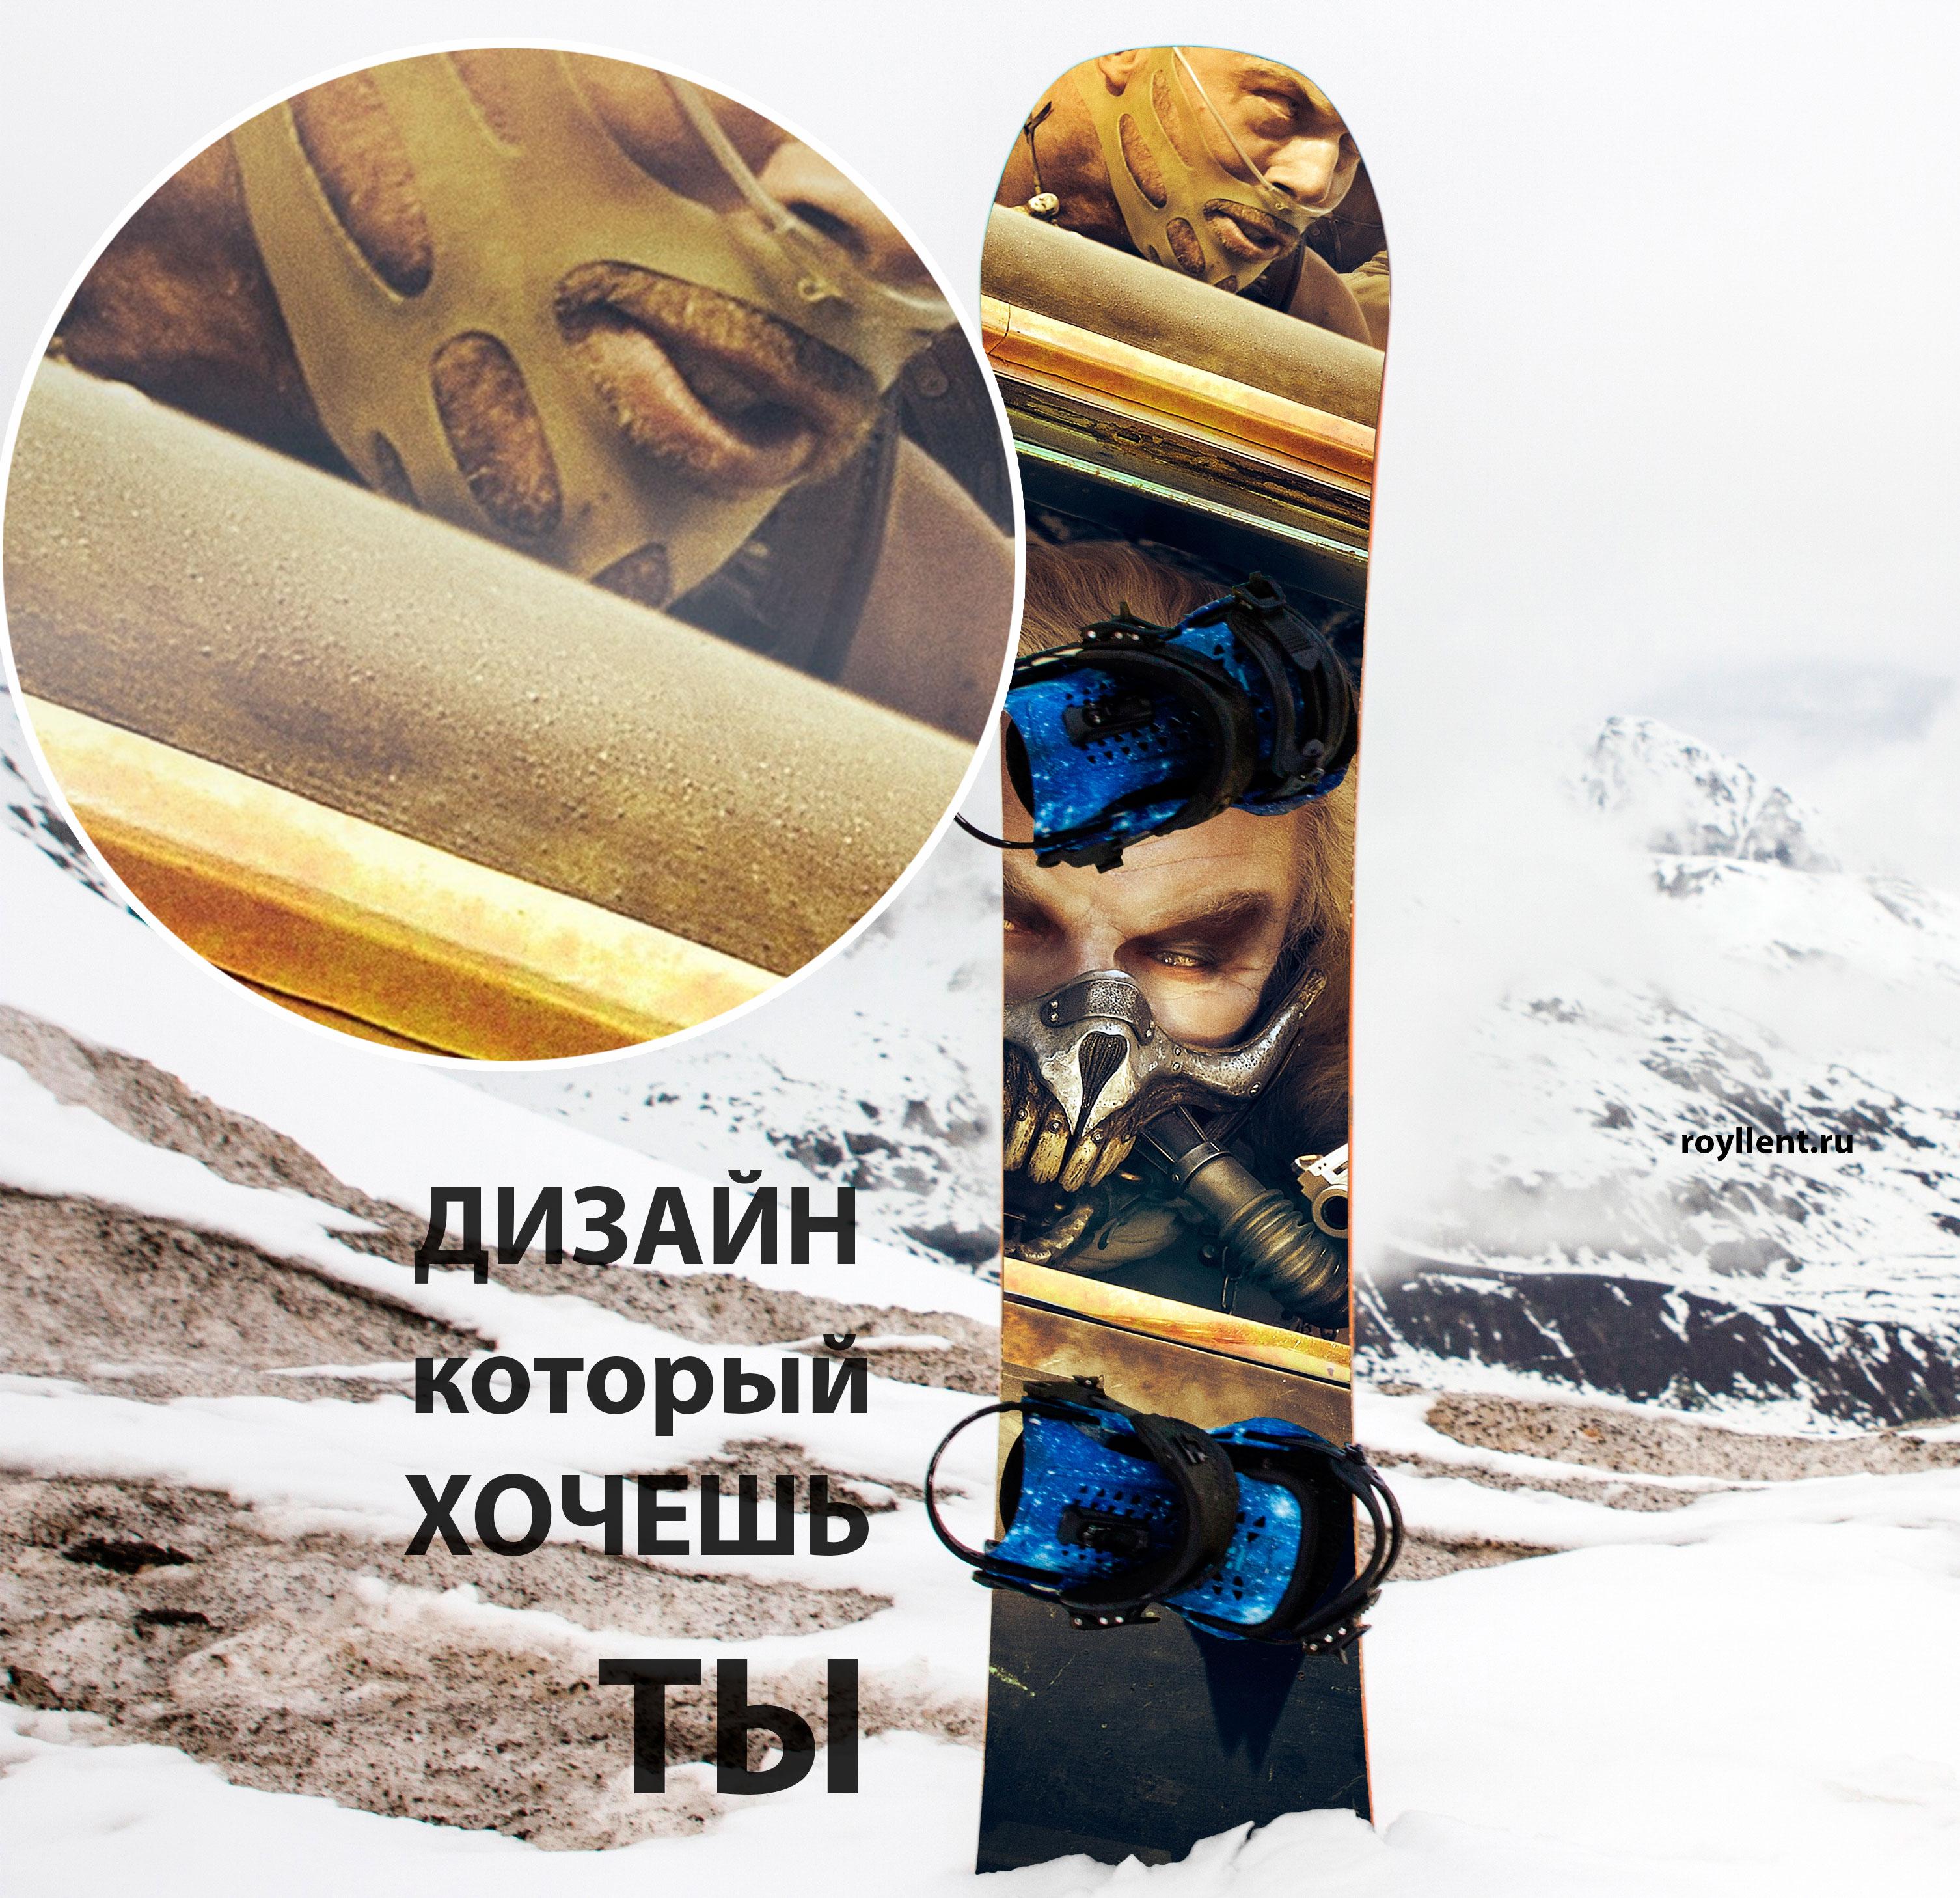 Наклейка на сноуборд в стиле Безумный Макс